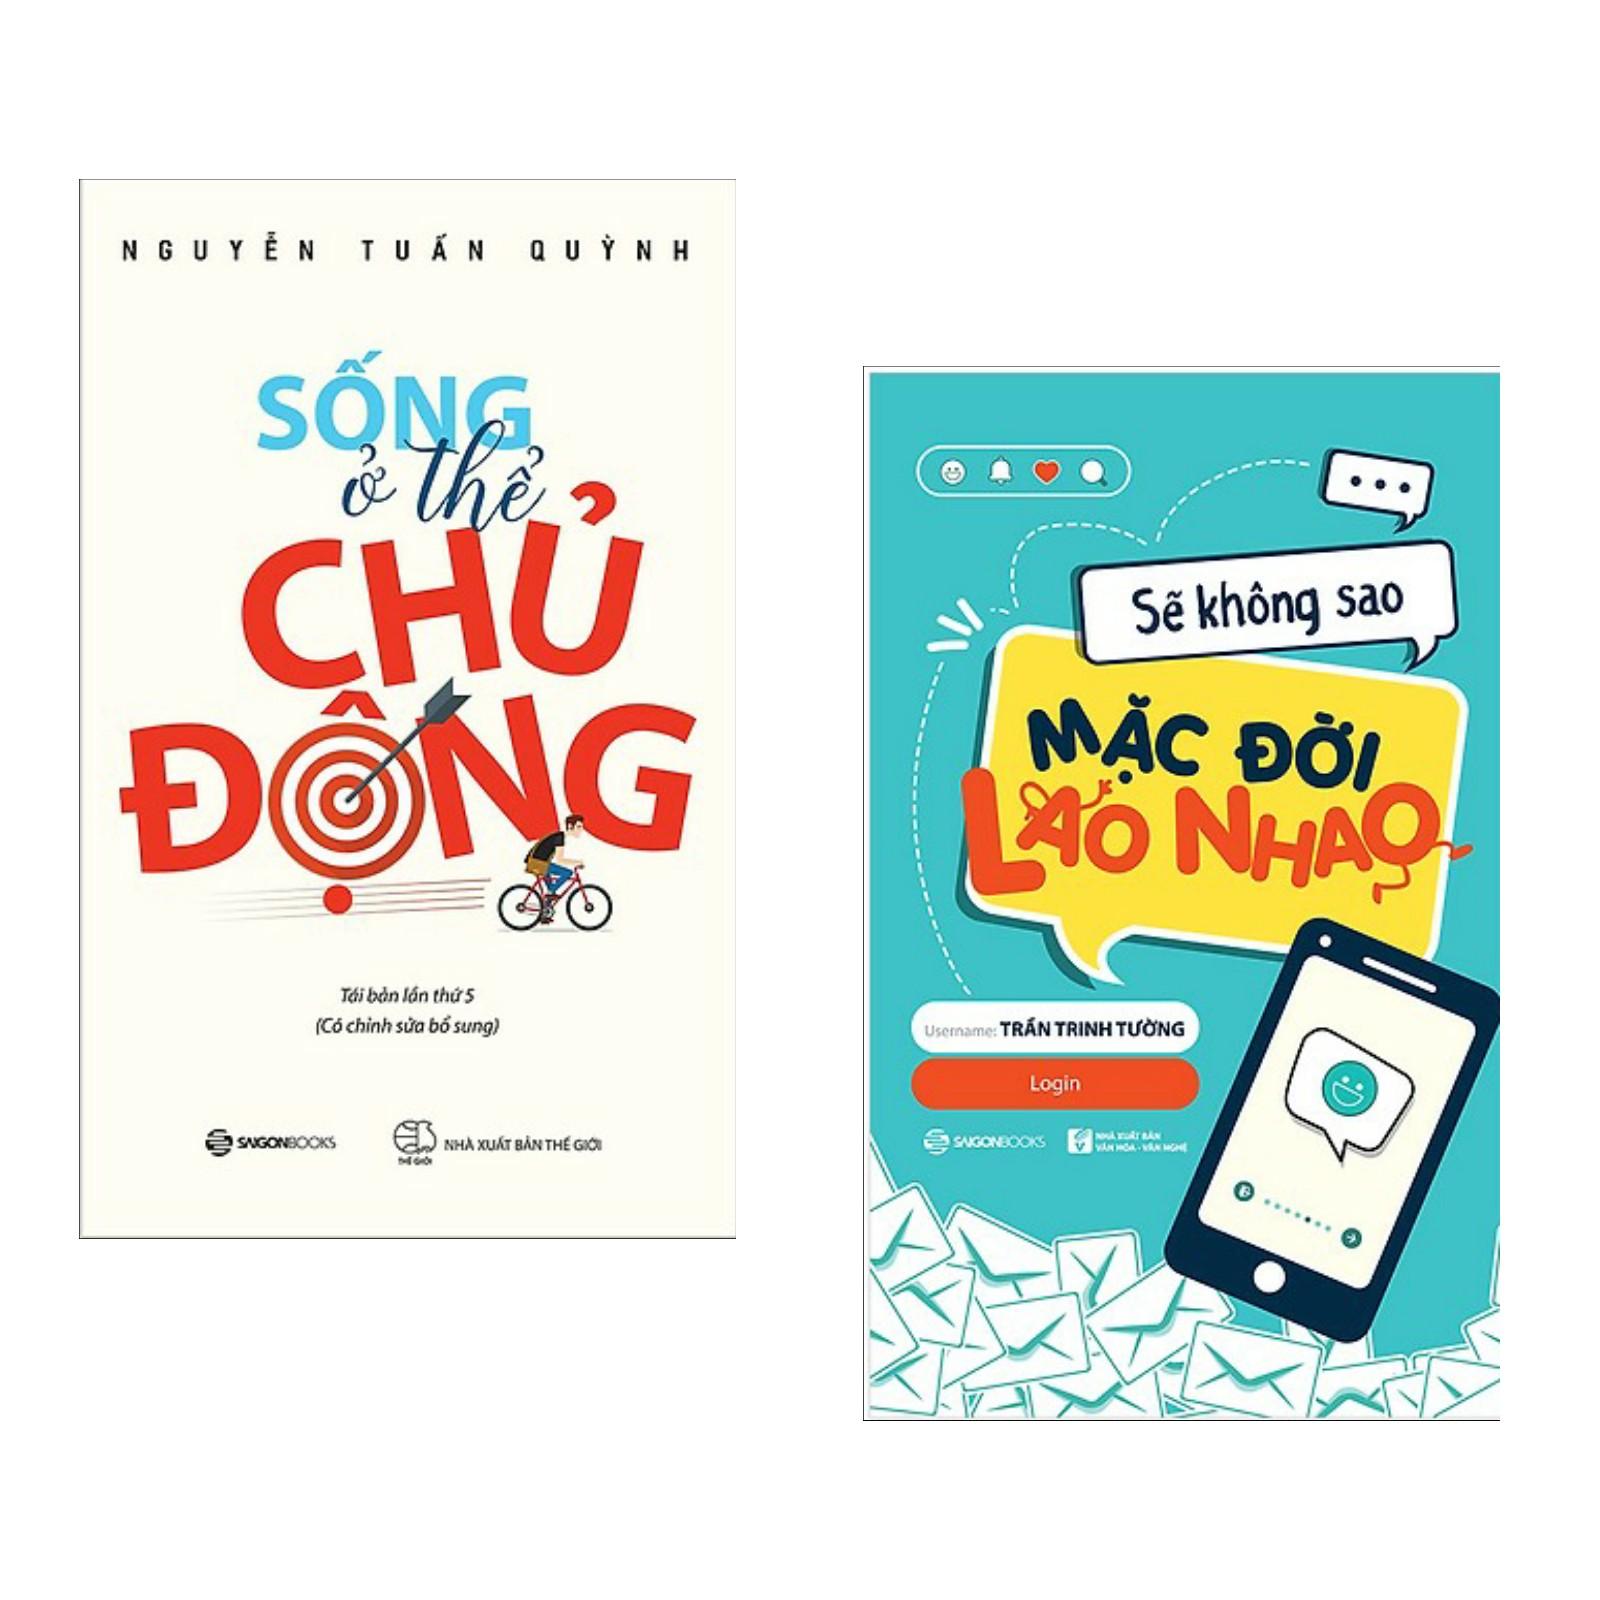 Combo 2 cuốn sách hay về kĩ năng sống : Sống Ở Thể Chủ Động + Sẽ Không Sao Mặc Đời Lao Nhao ( Tặng kèm Bookmark... - 18597369 , 4314811140081 , 62_21607492 , 179000 , Combo-2-cuon-sach-hay-ve-ki-nang-song-Song-O-The-Chu-Dong-Se-Khong-Sao-Mac-Doi-Lao-Nhao-Tang-kem-Bookmark...-62_21607492 , tiki.vn , Combo 2 cuốn sách hay về kĩ năng sống : Sống Ở Thể Chủ Động + Sẽ Kh